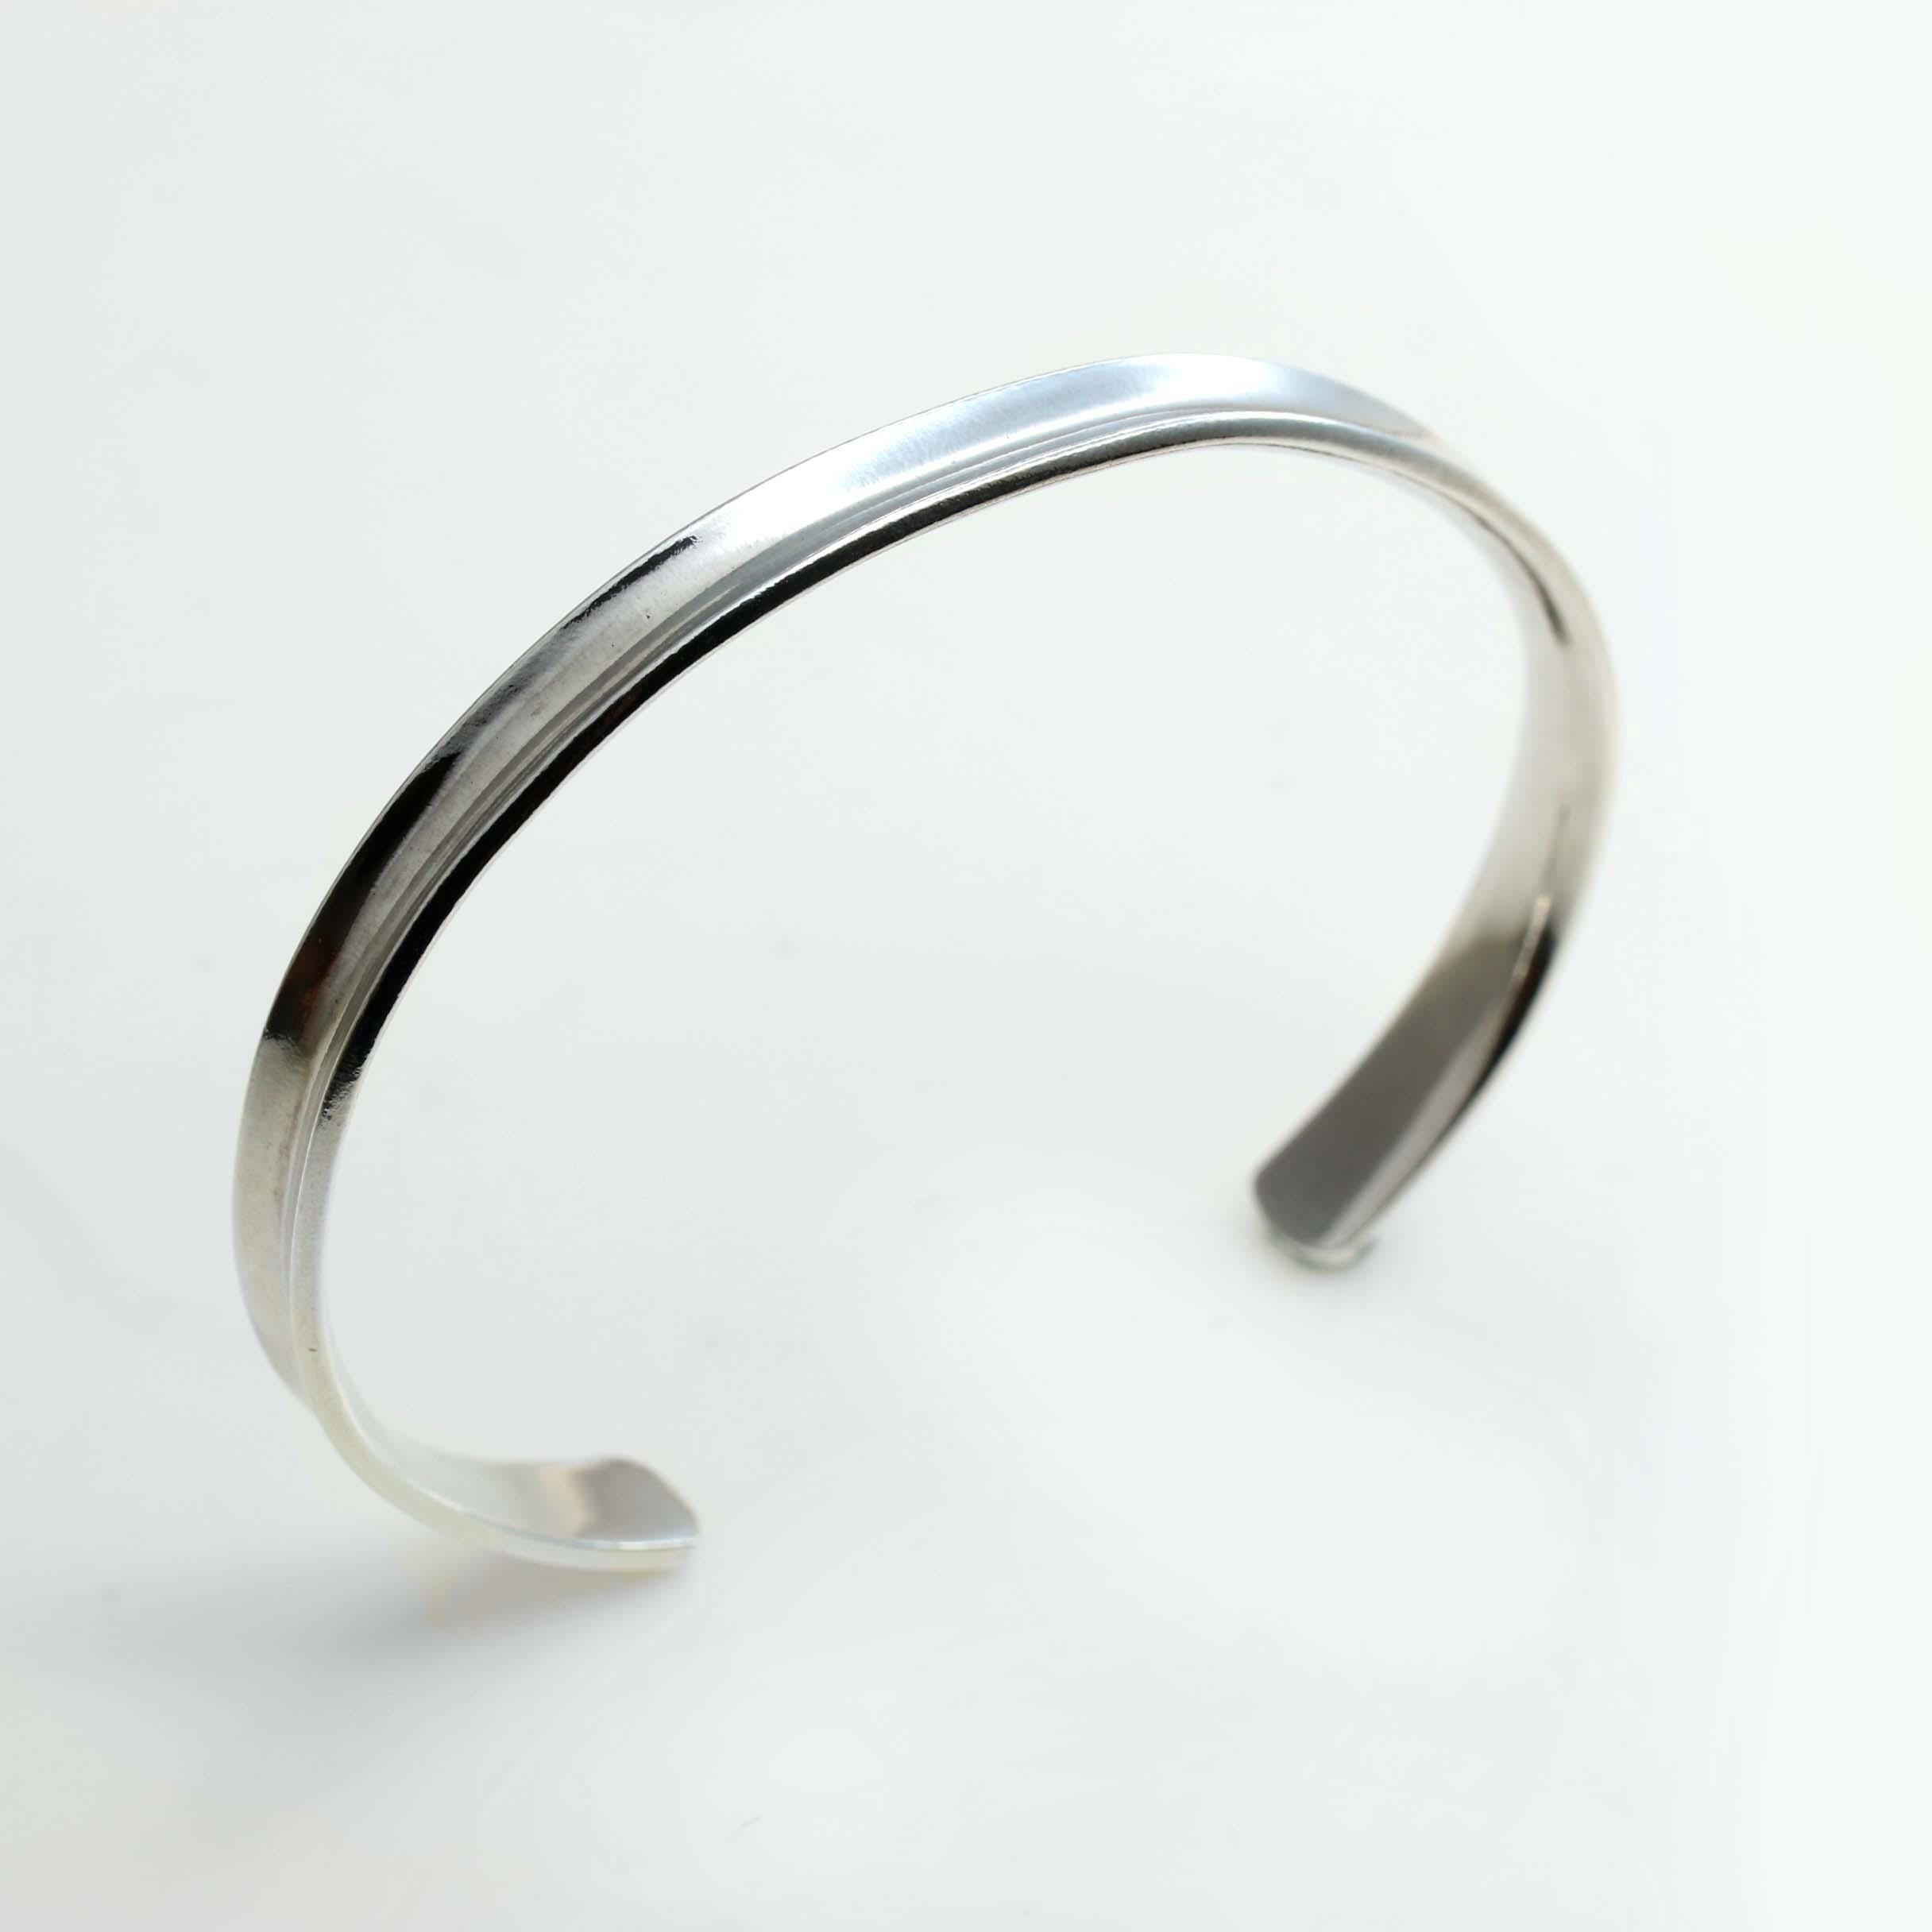 【紋藝】微笑曲面手環